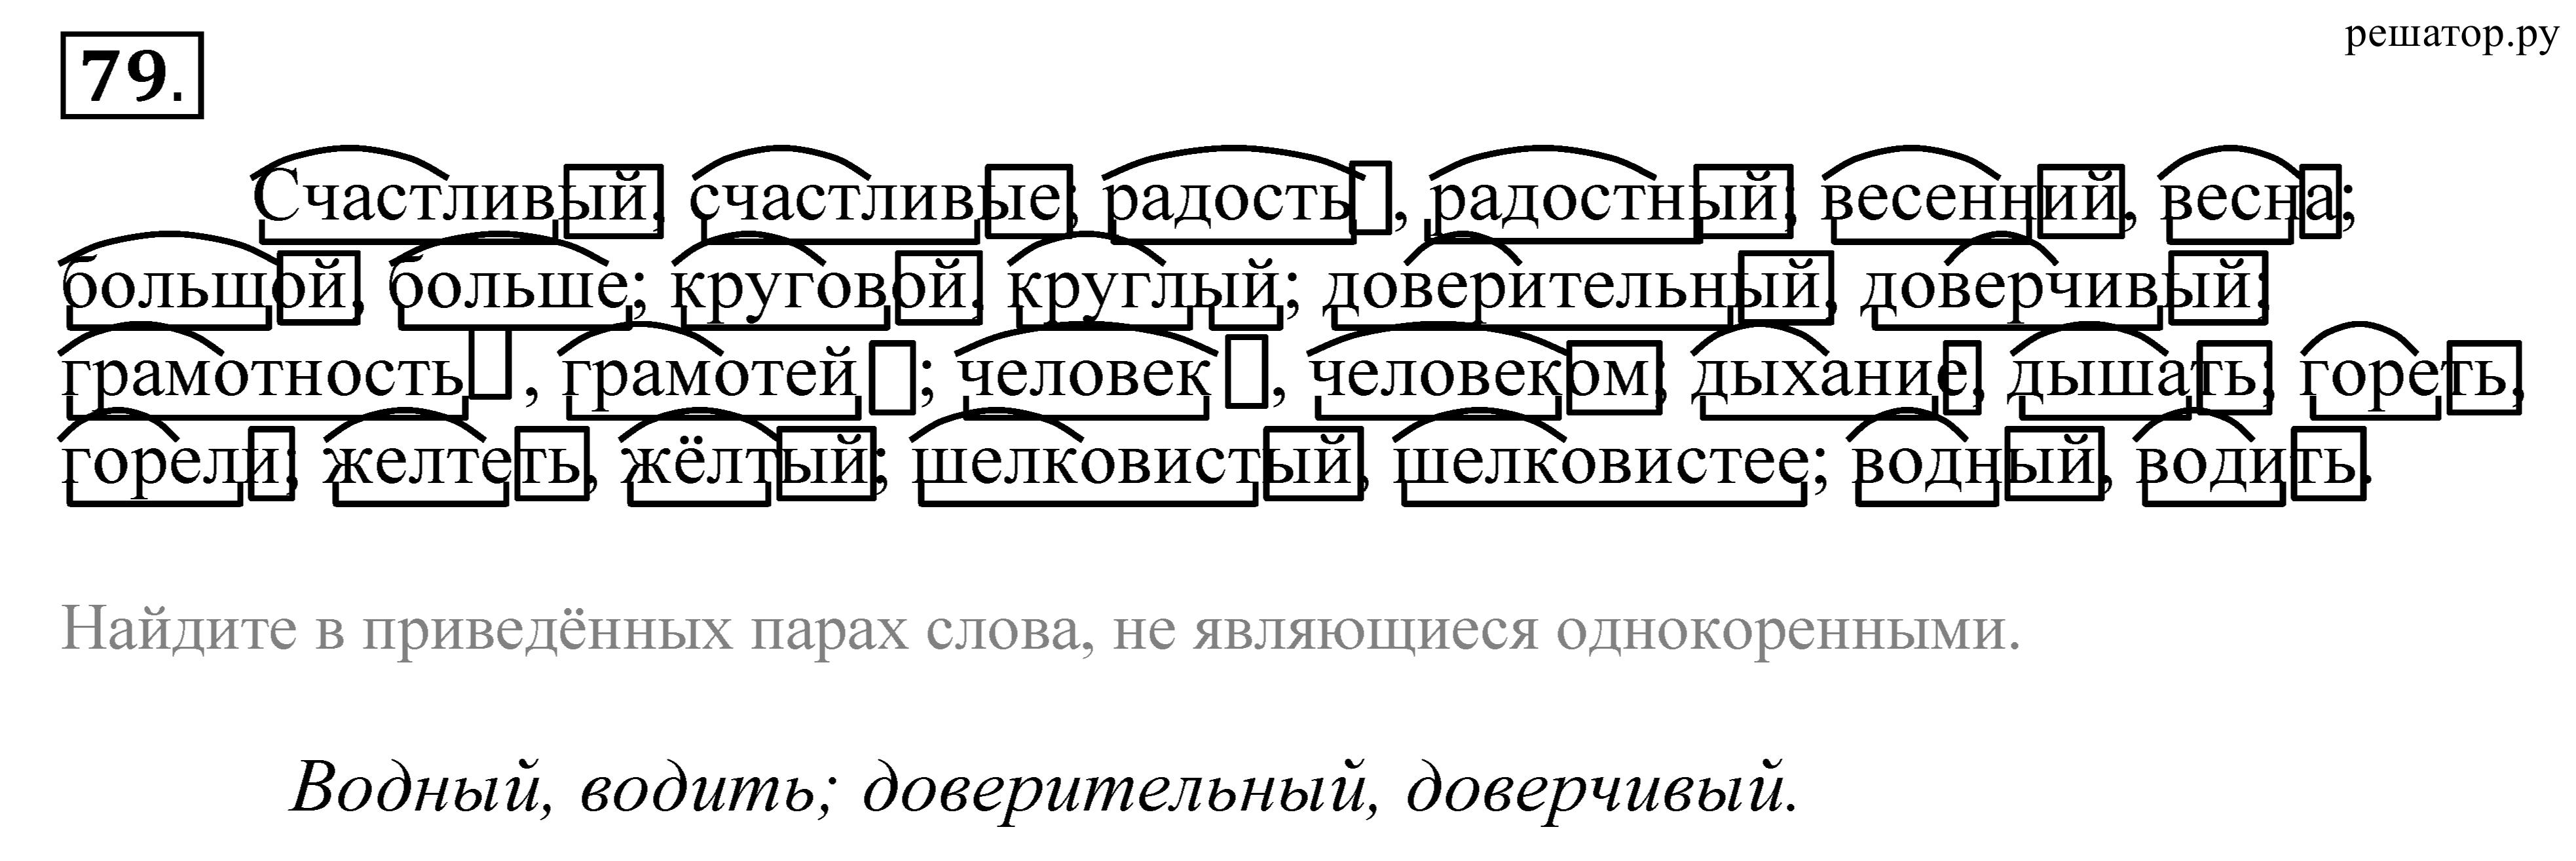 Готовые домашние задания по русскому языку 11 класс 2018 г